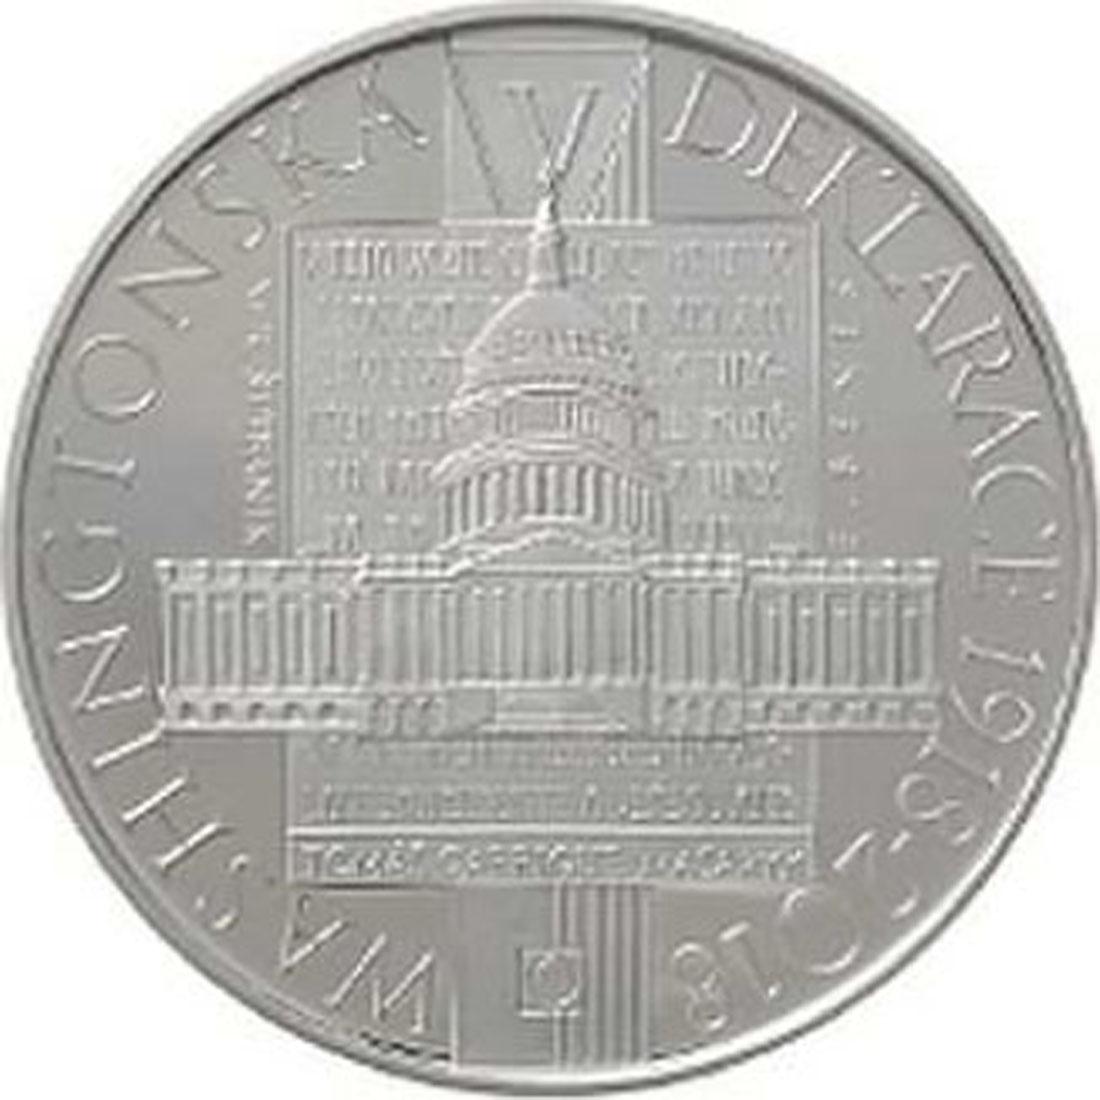 Lieferumfang:Tschechische Republik : 500 Kronen 100 Jahre Washingtoner Erklärung  2018 Stgl.